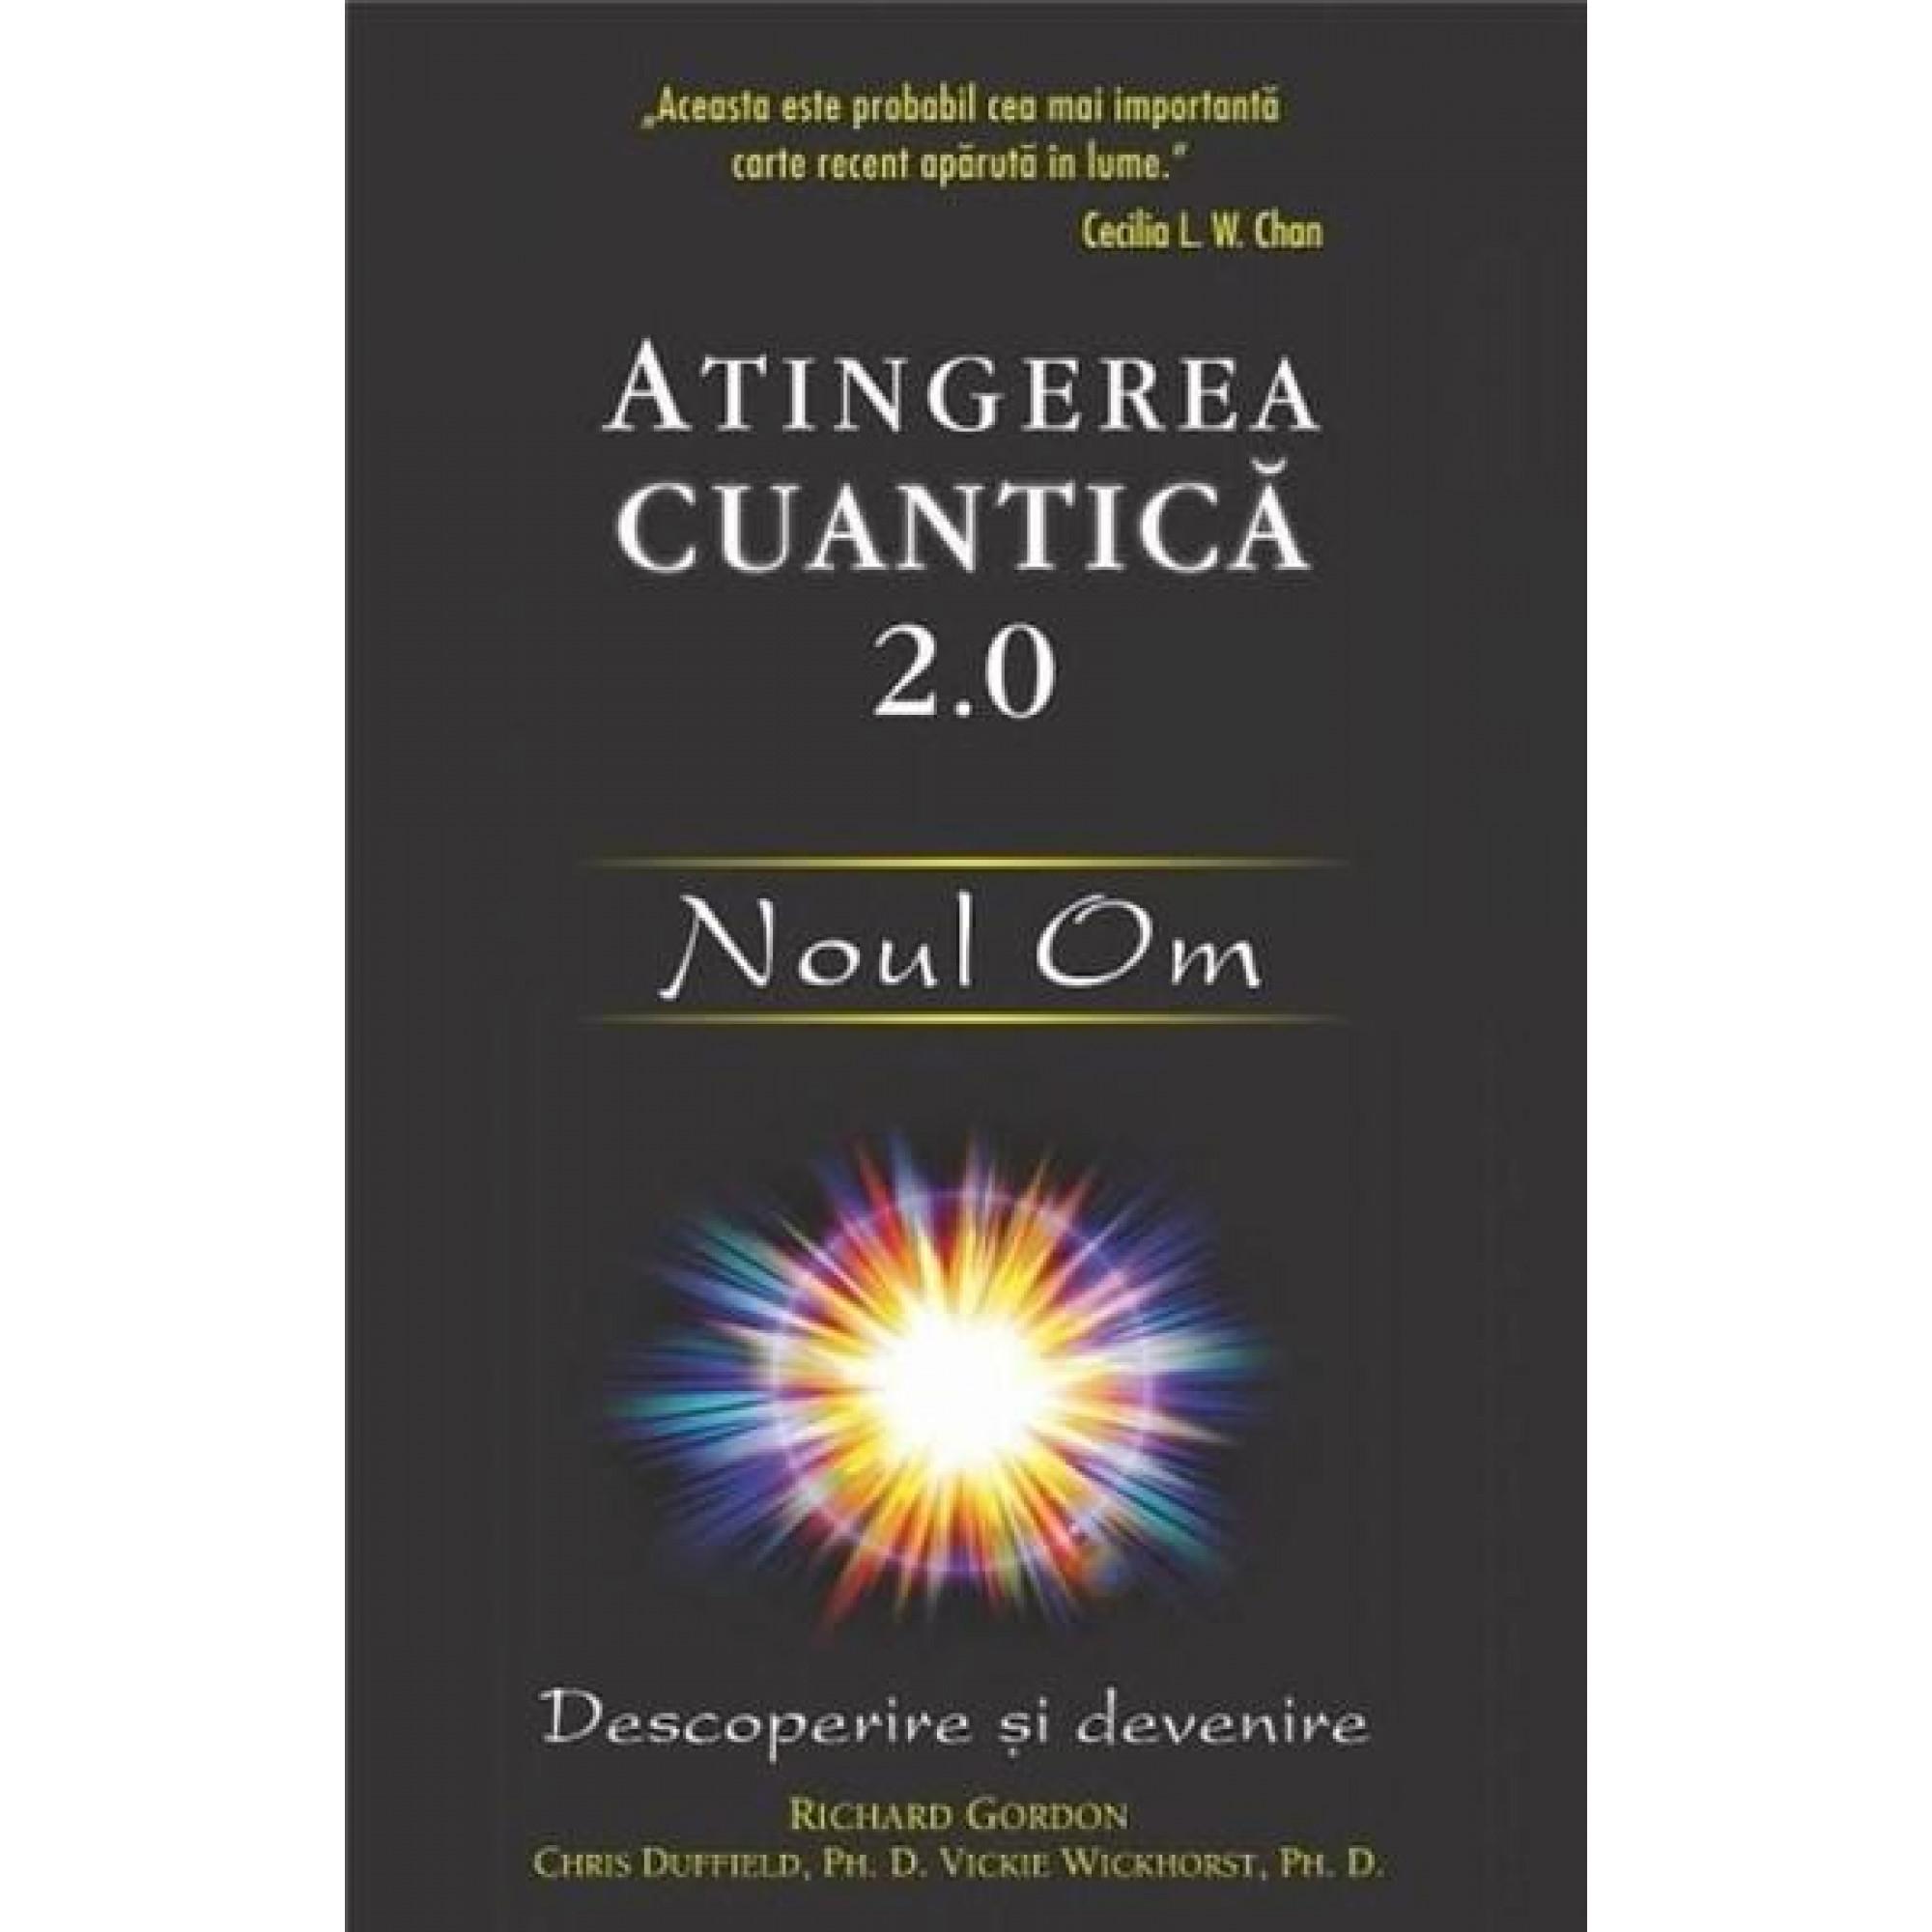 Atingerea cuantică 2.0: Noul Om; Richard Gordon